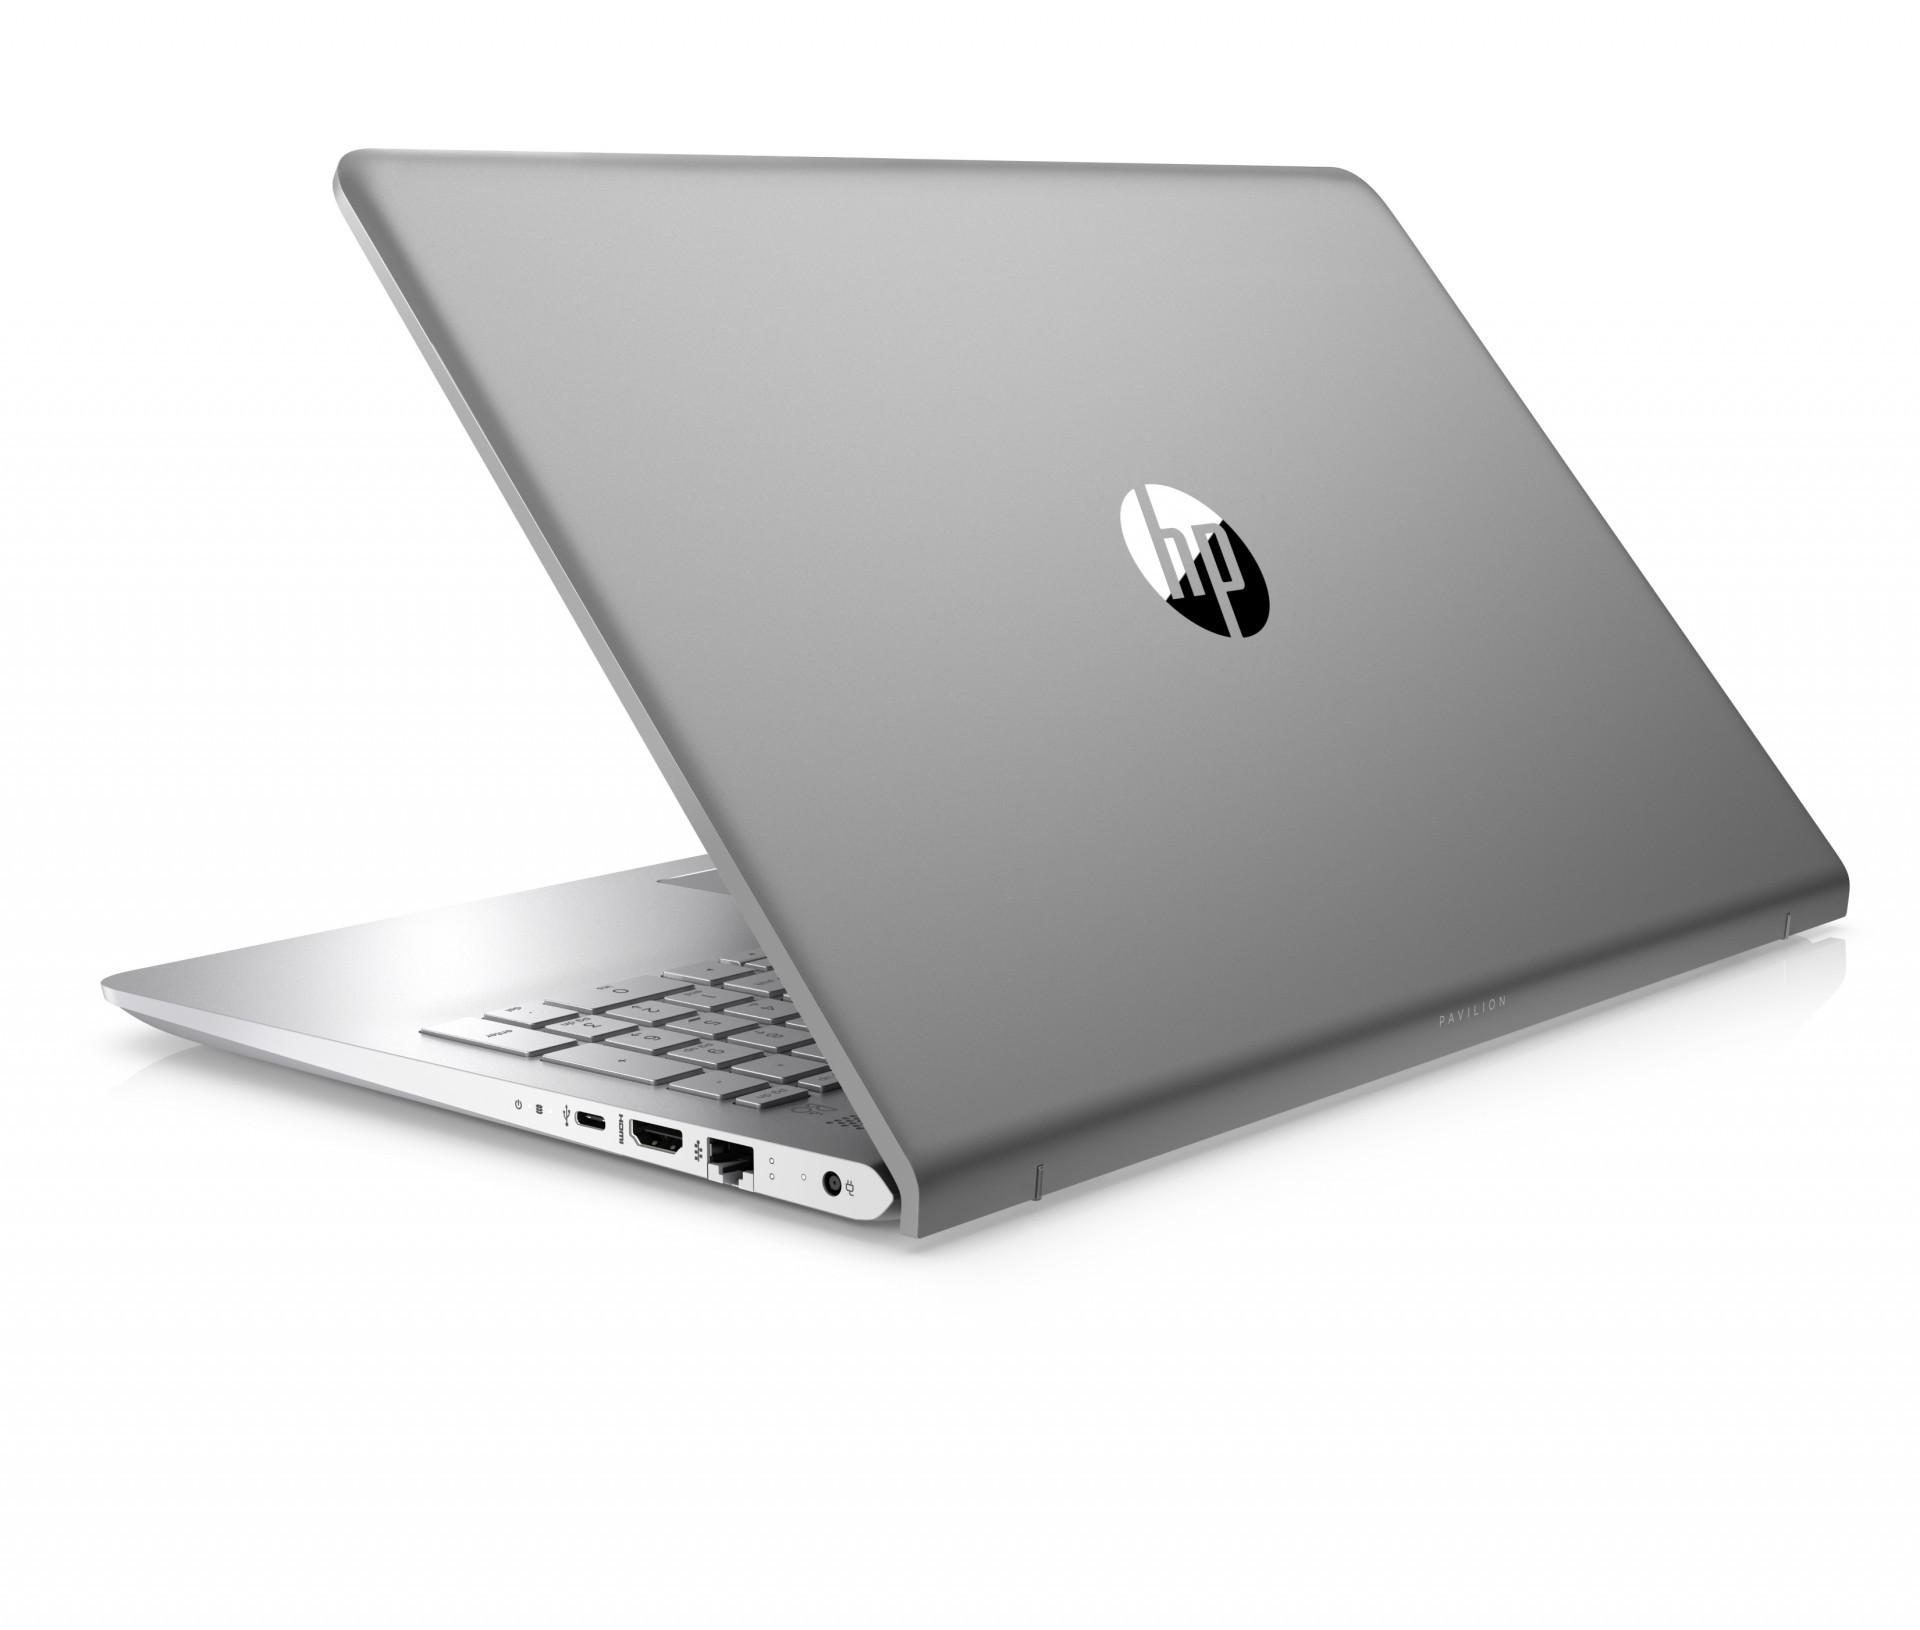 Lenovo ThinkPad X1 Carbon 5 (20HR002CPB)